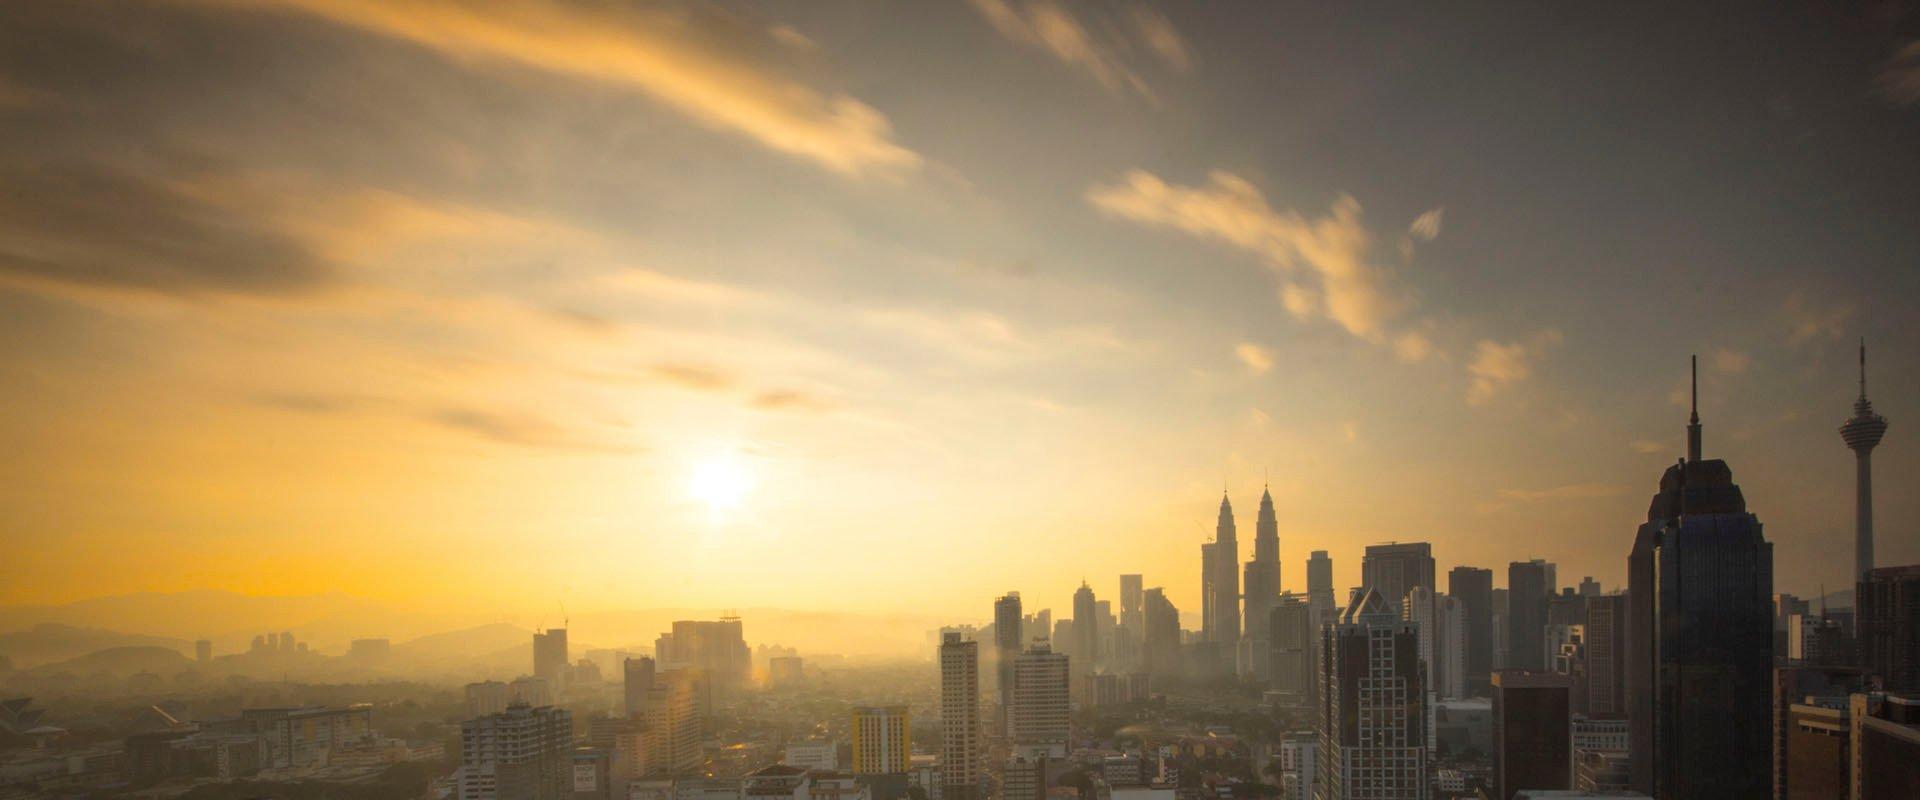 malaysia school holidays 2018 publicholidayscommy